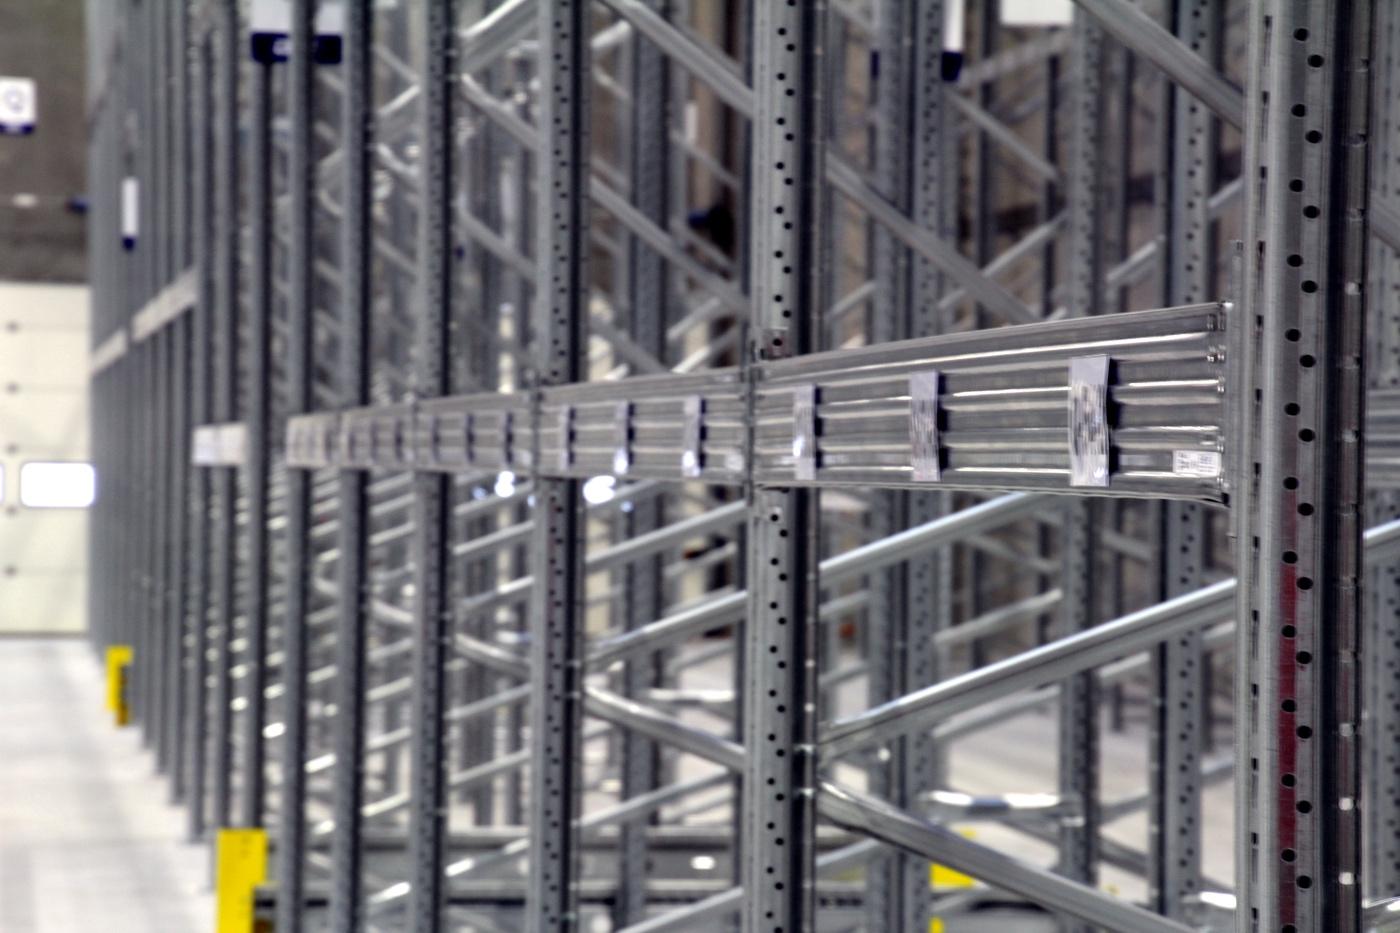 Pallereoler med 3500 pallepladser leveret til DSV Road A/S